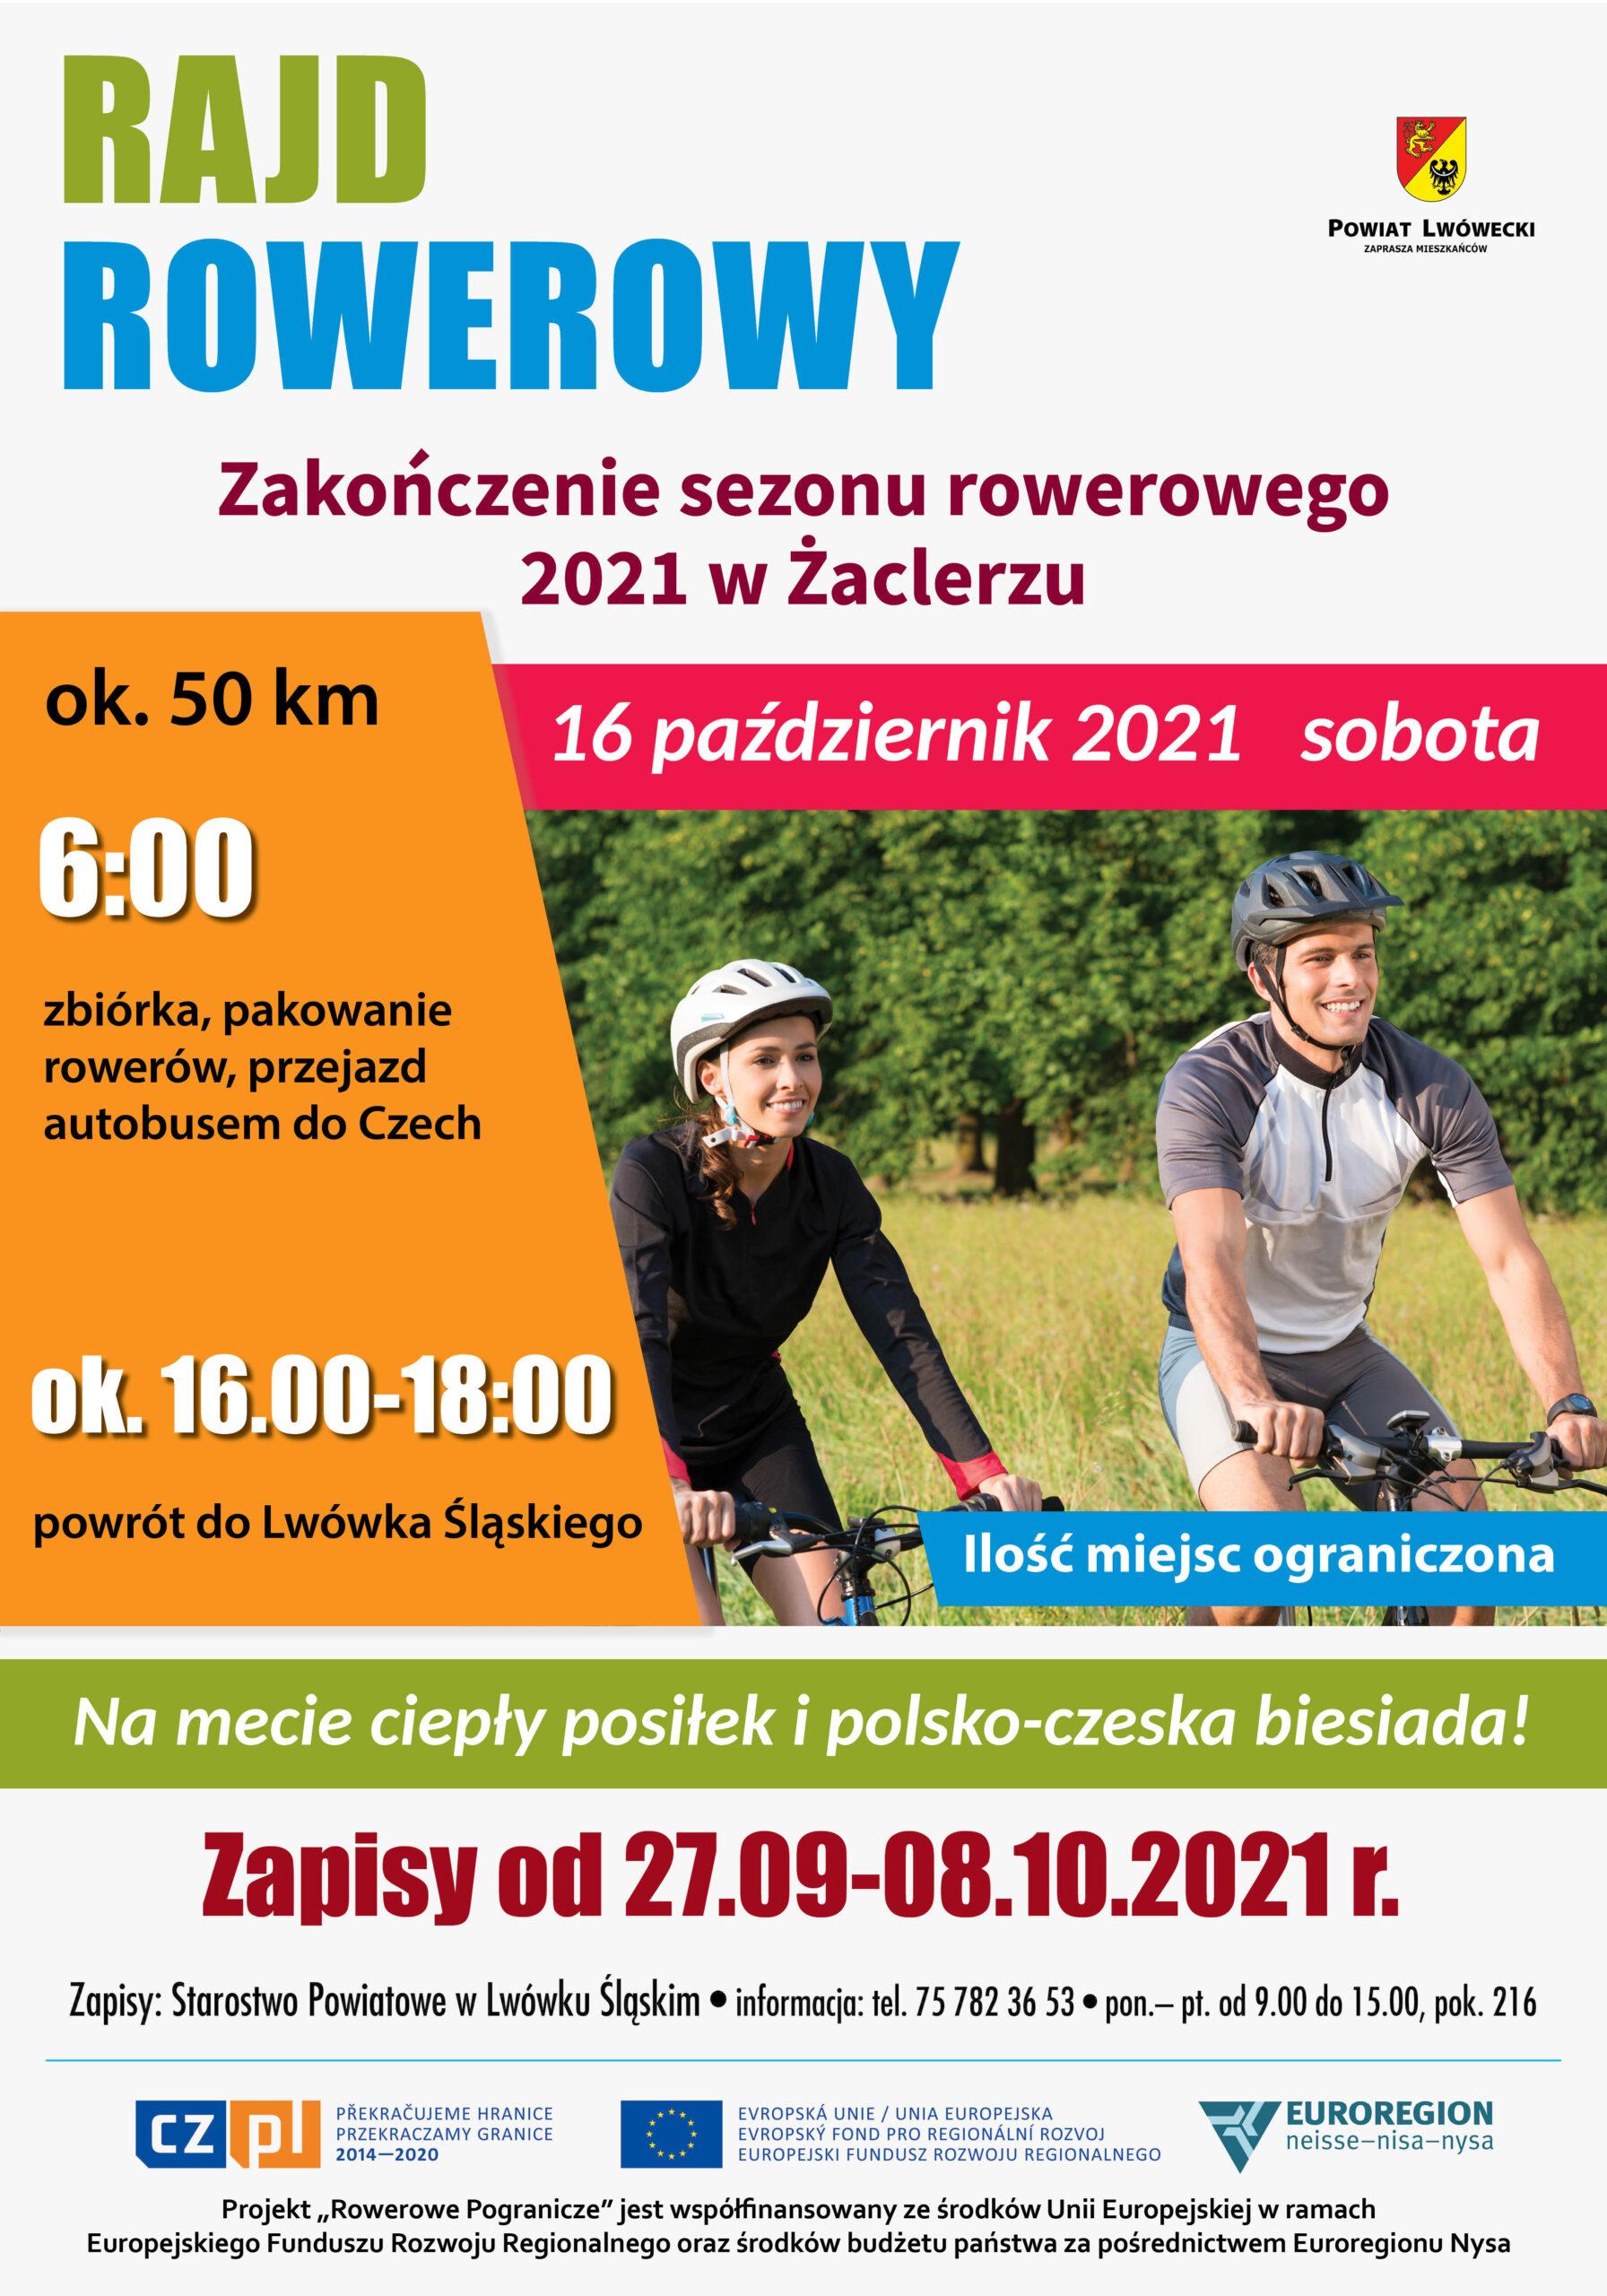 Plakat informacyjny o rajdzie rowerowym z podaną datą i godziną wyjazdu. Na plakacie fragment zdjęcia z dwójką rowerzystów